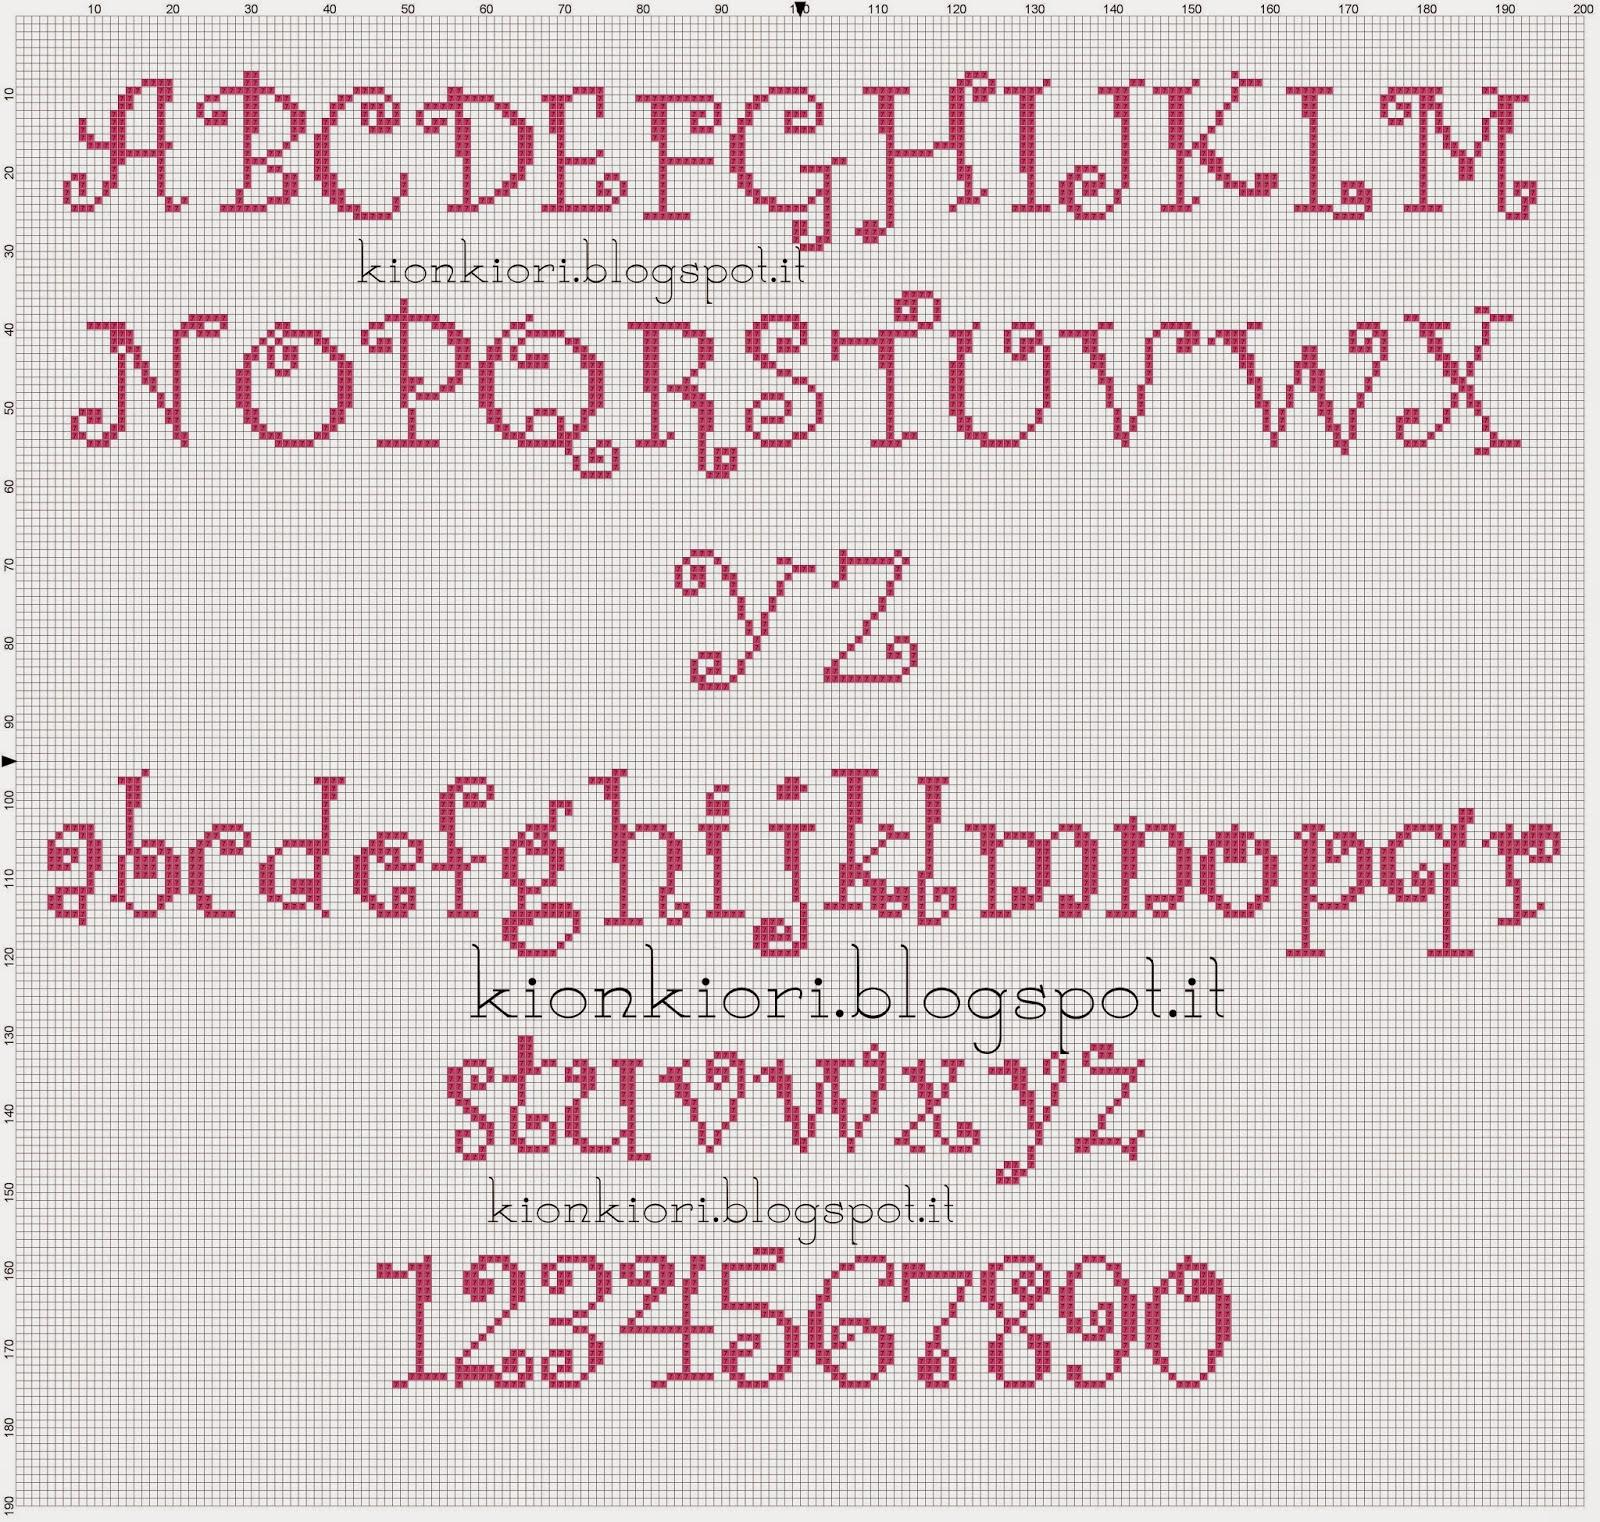 Kionkiori punto croce un due tre alfabeti for Alfabeti a punto croce per bambini